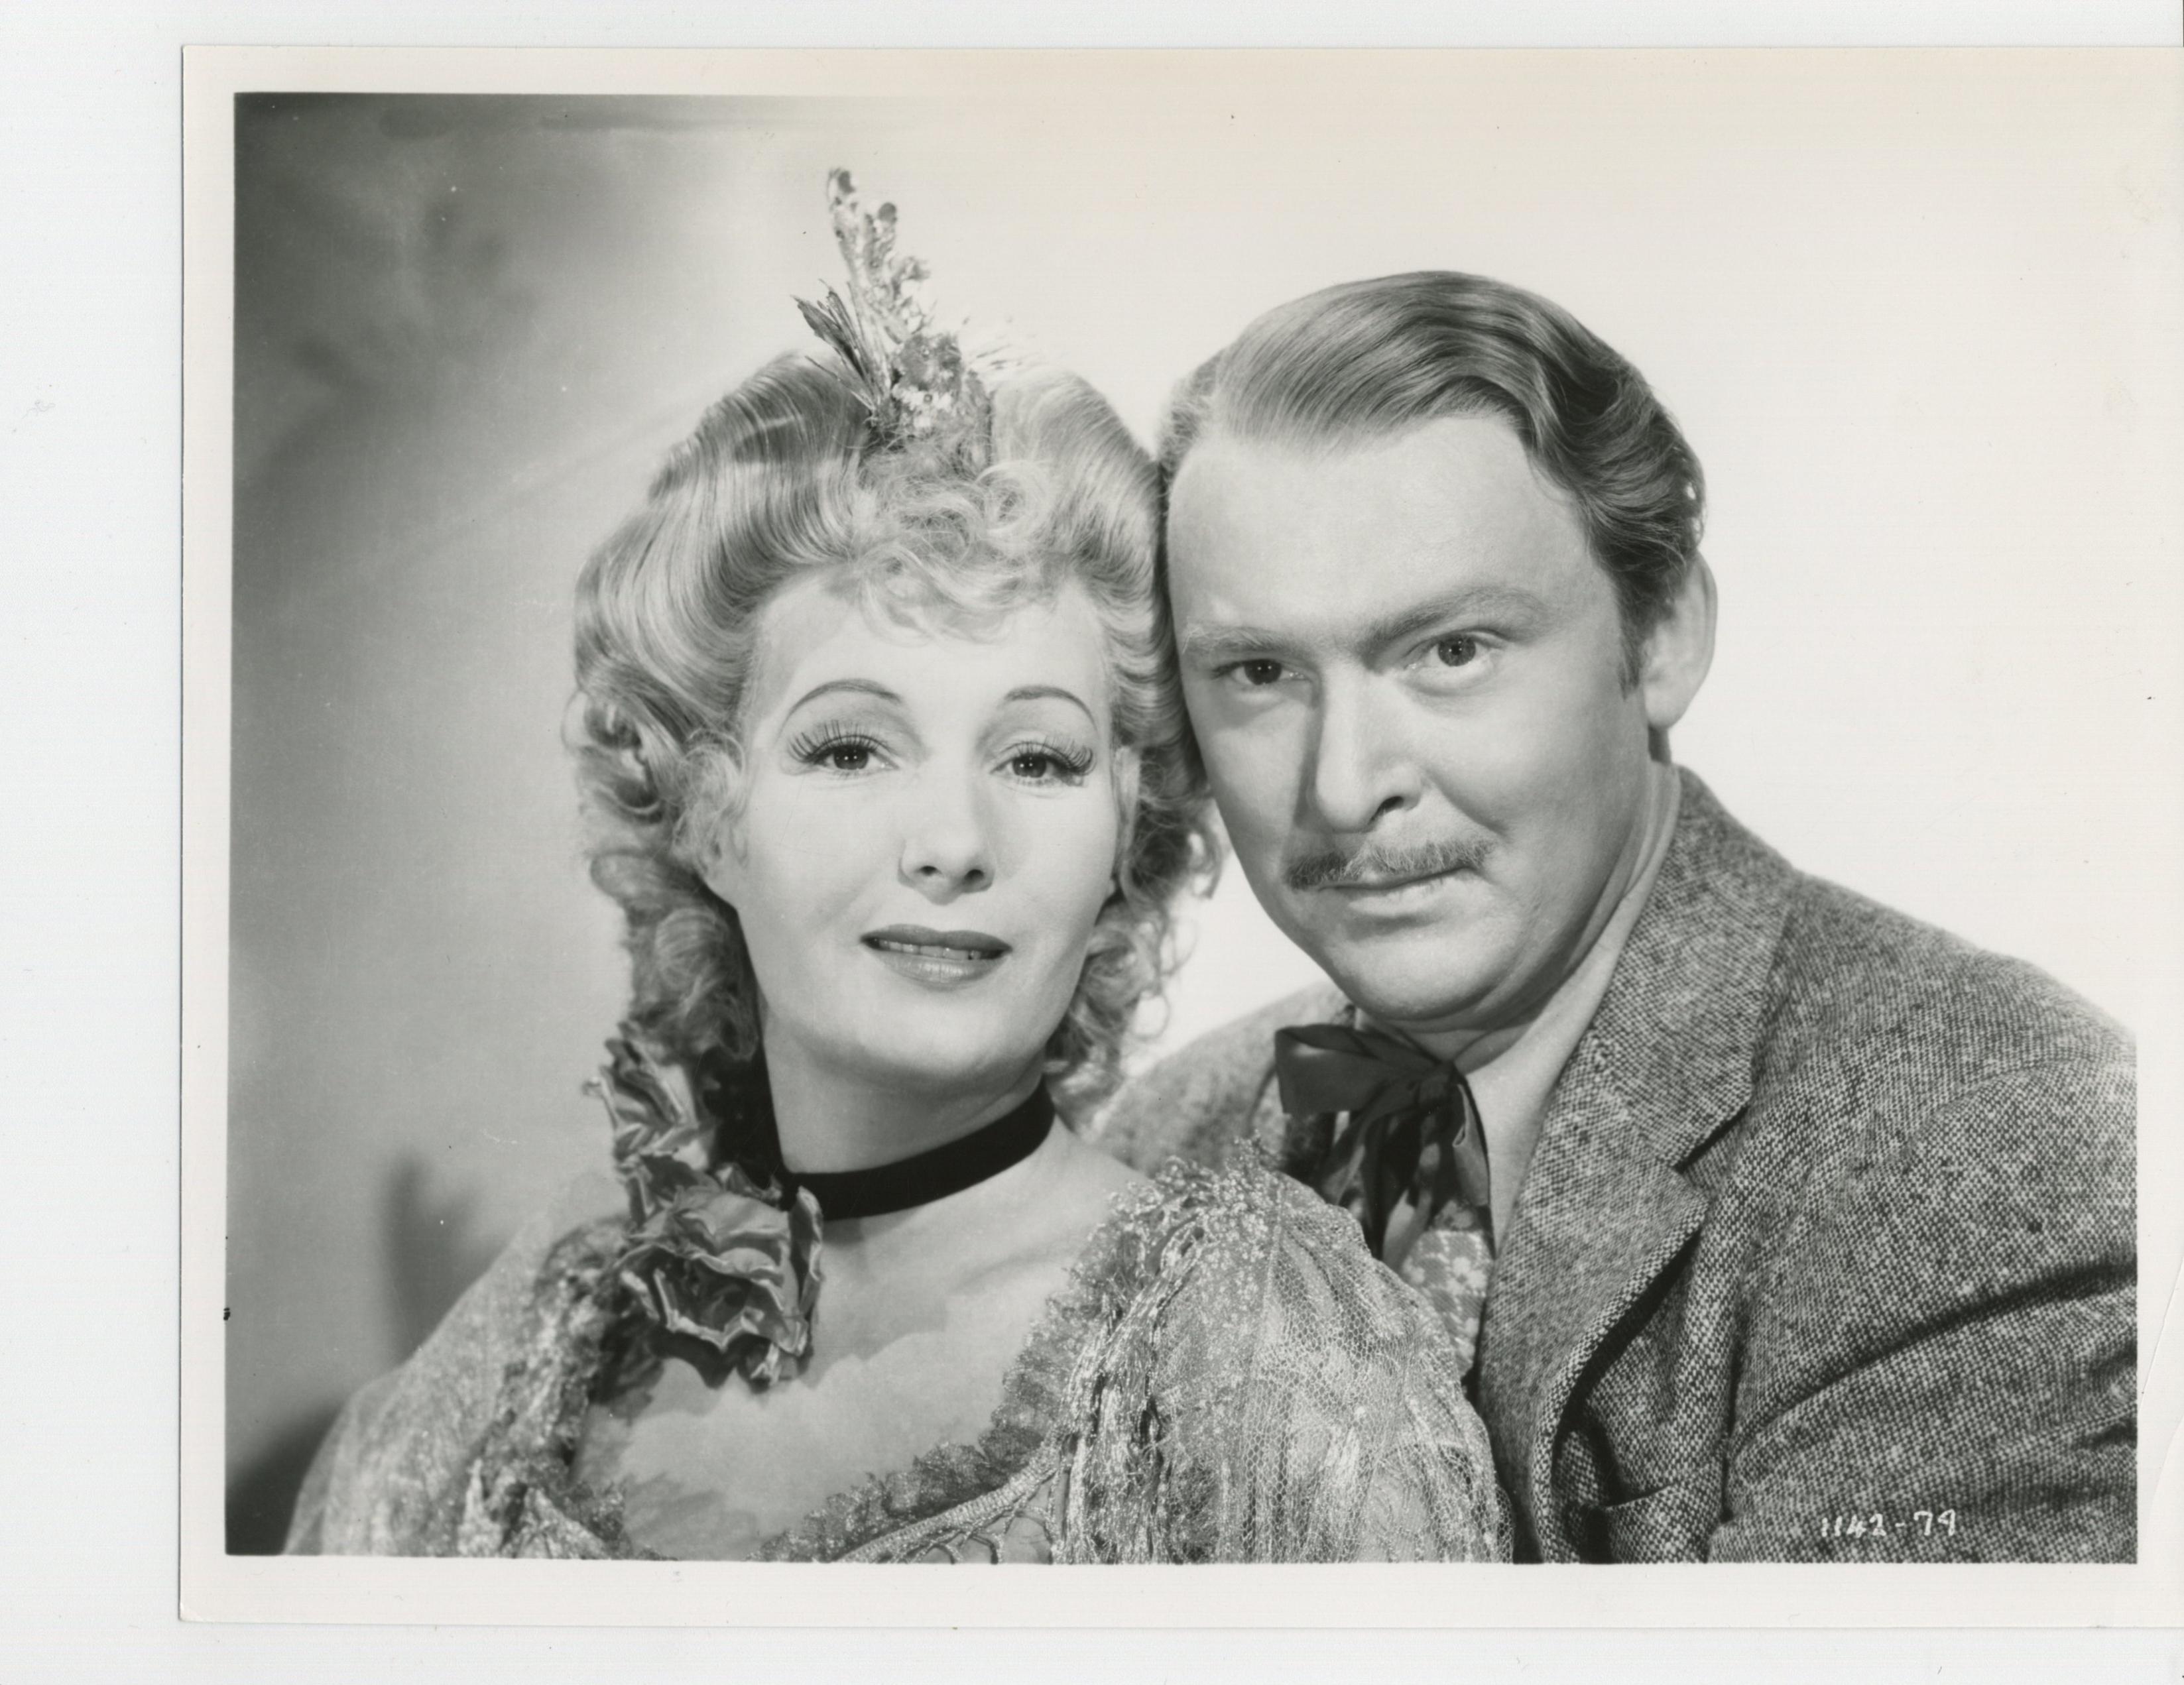 Binnie Barnes and Albert Dekker in In Old California (1942)